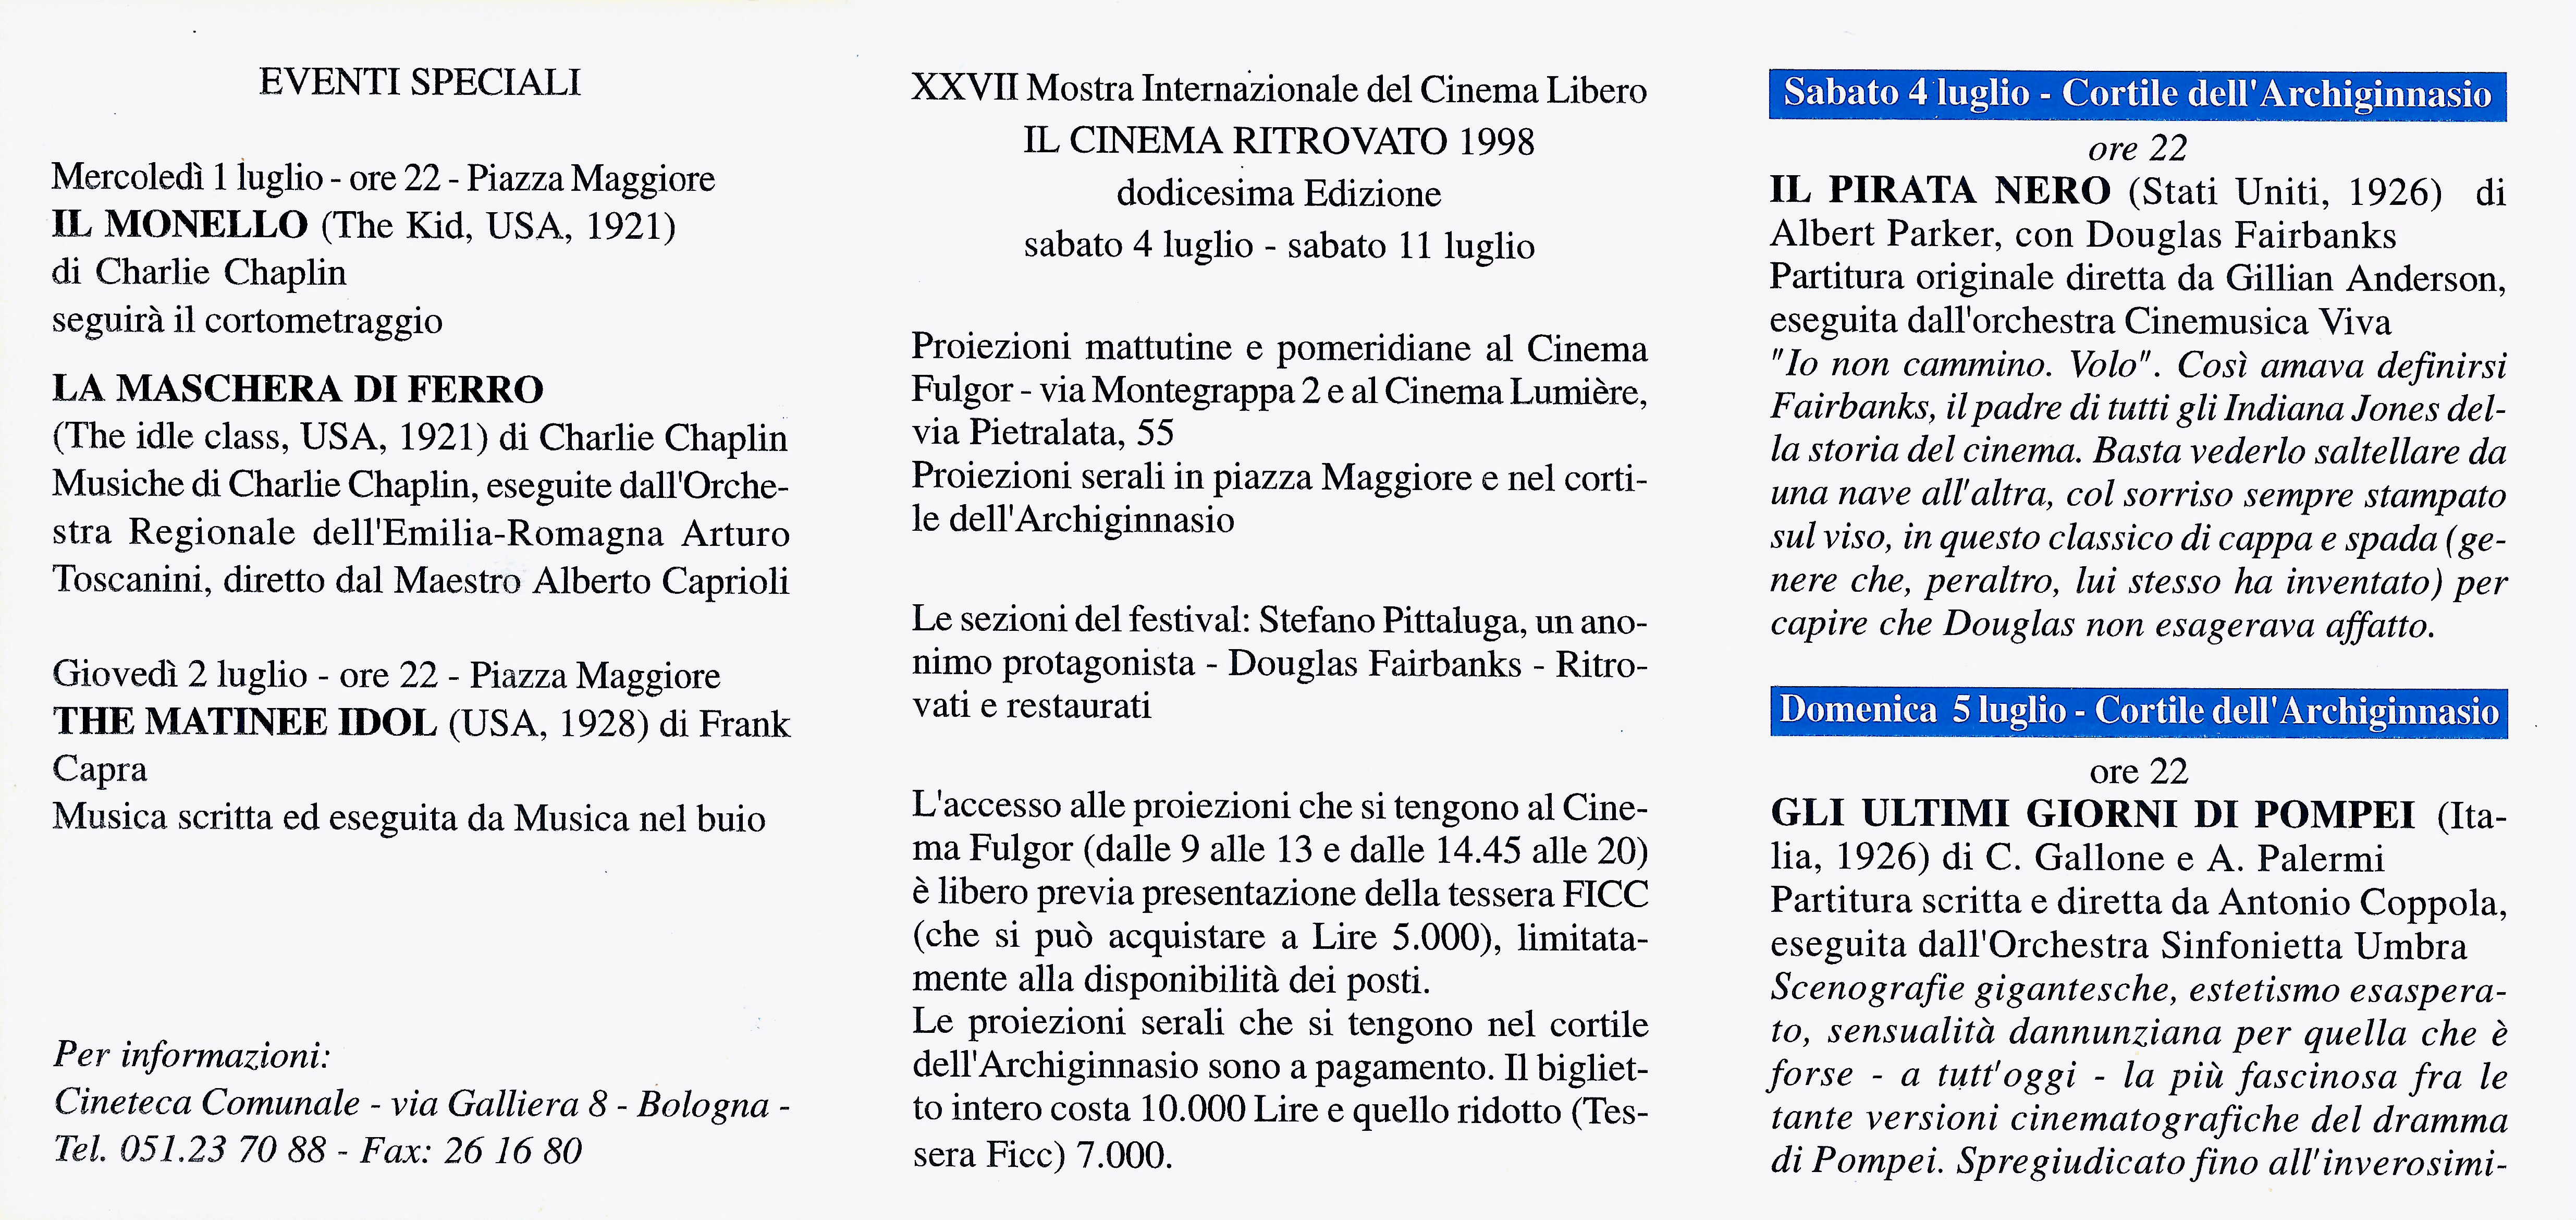 BOLOGNA, FESTIVAL IL CINEMA RITROVATO 1998, EVENTI SPECIALI, ORCHESTRA SINFONICA ARTURO TOSCANINI, ALBERTO CAPRIOLI, DIR.